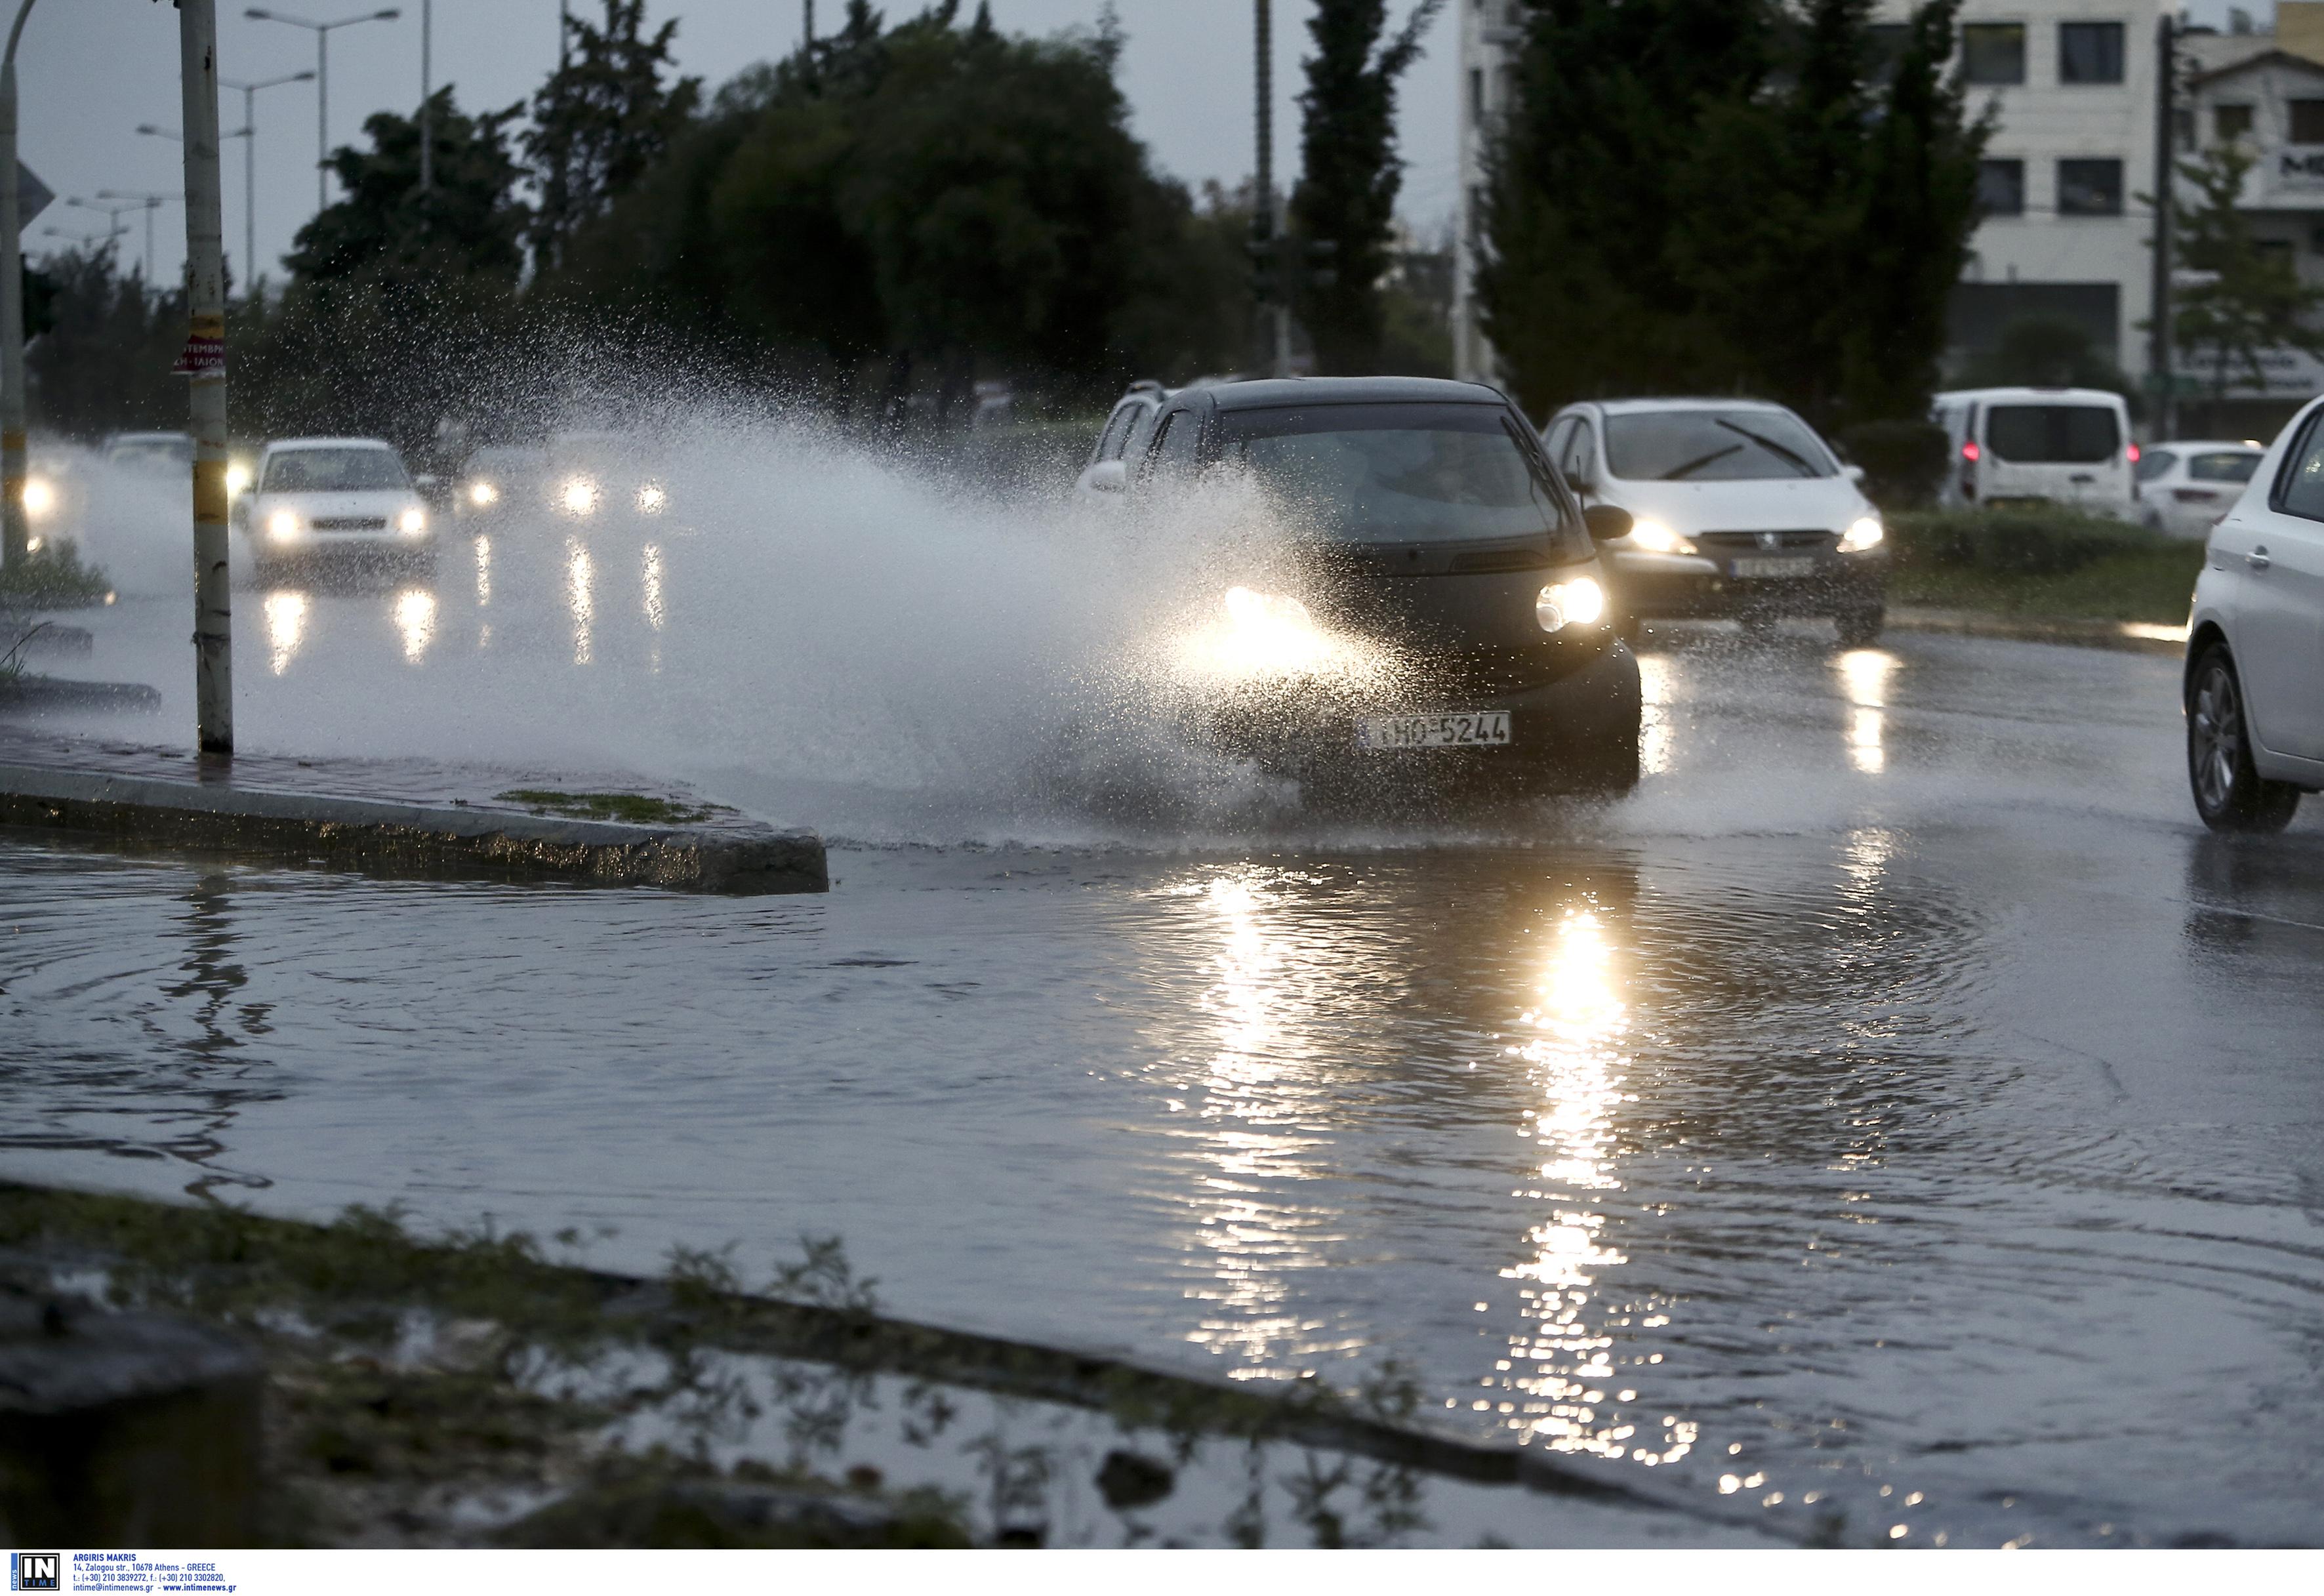 Η Ζηνοβία βούλιαξε τους Ποταμούς Λασιθίου! Ριπές ανέμου 140 χλμ/ώρα στην Παξιμάδα Καρύστου